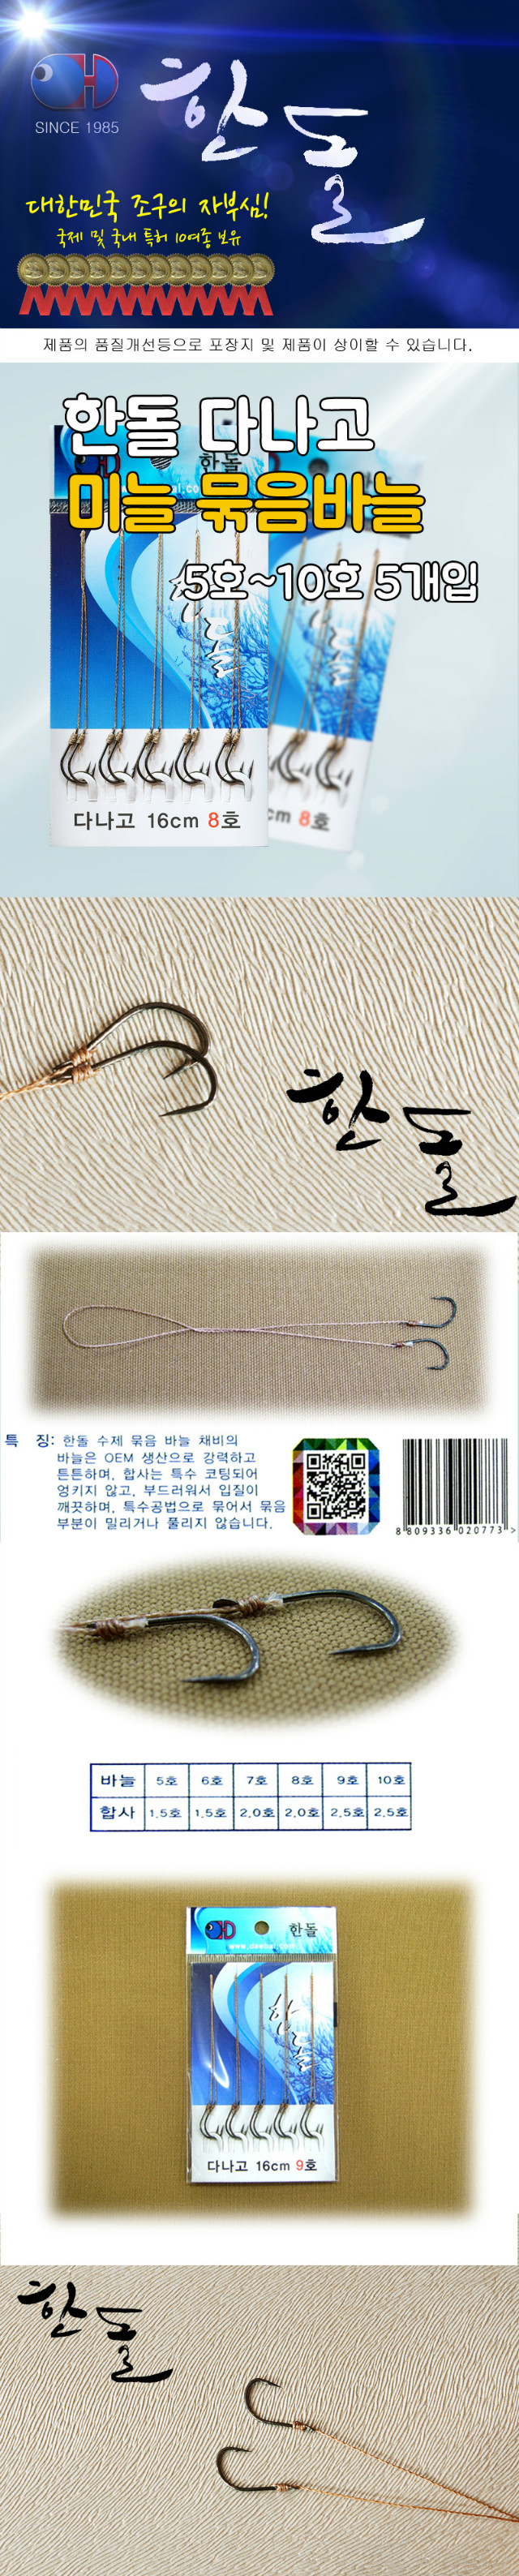 다나고미늘묶음바늘.jpg